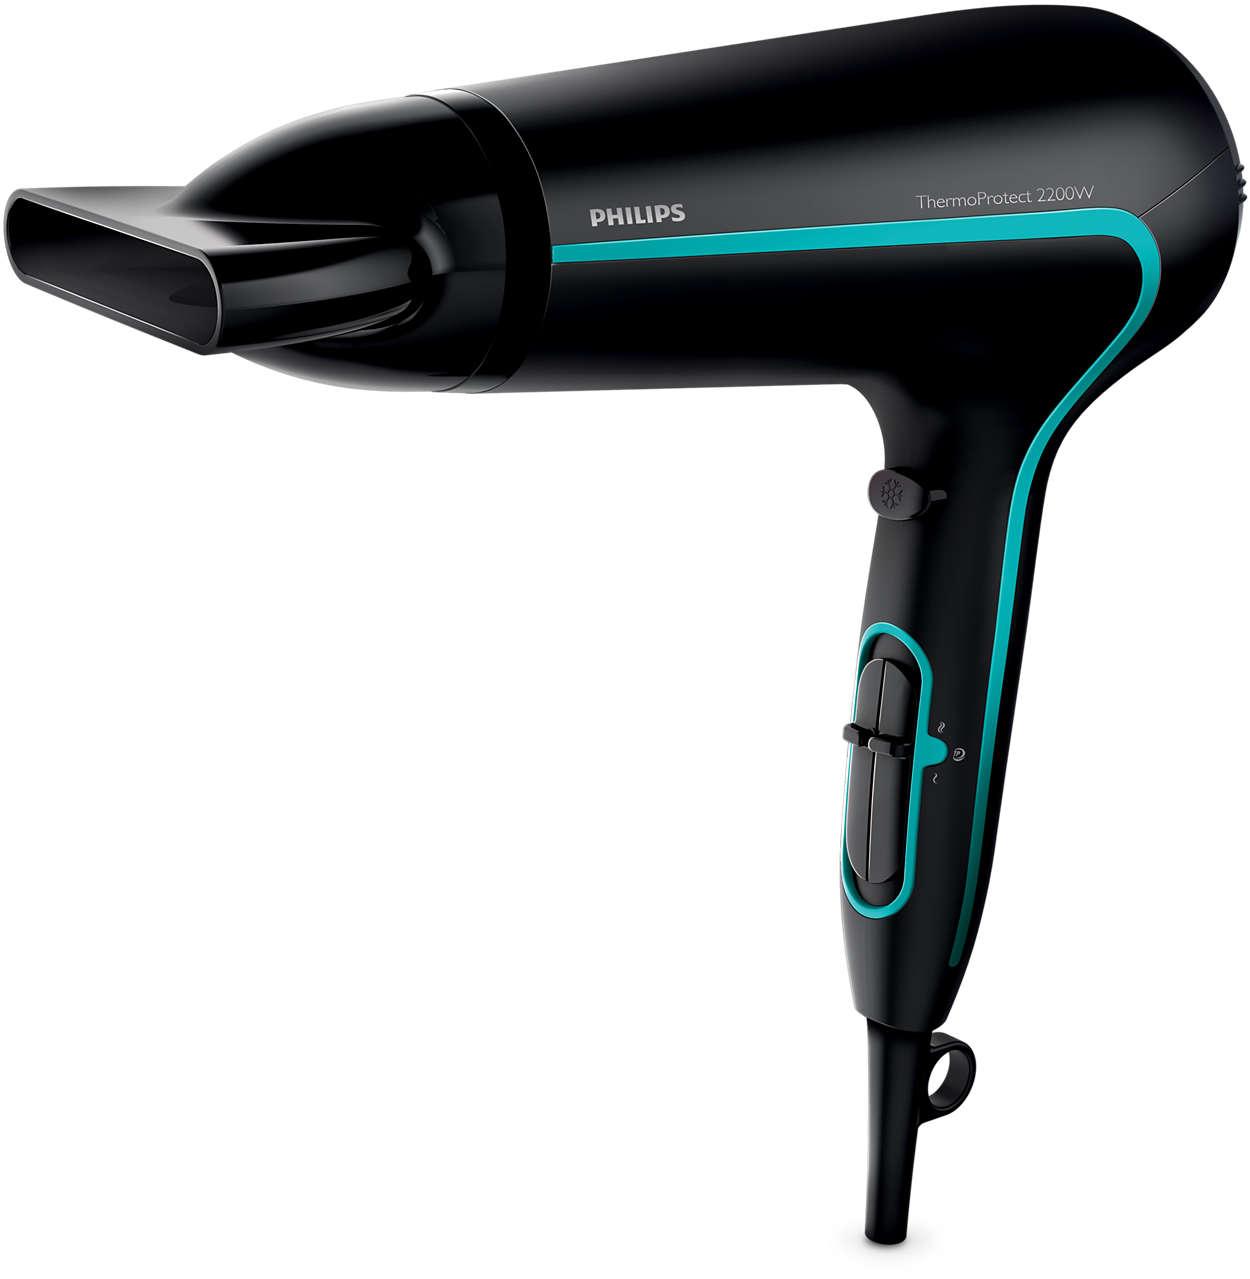 Séchage puissant et cheveux protégés